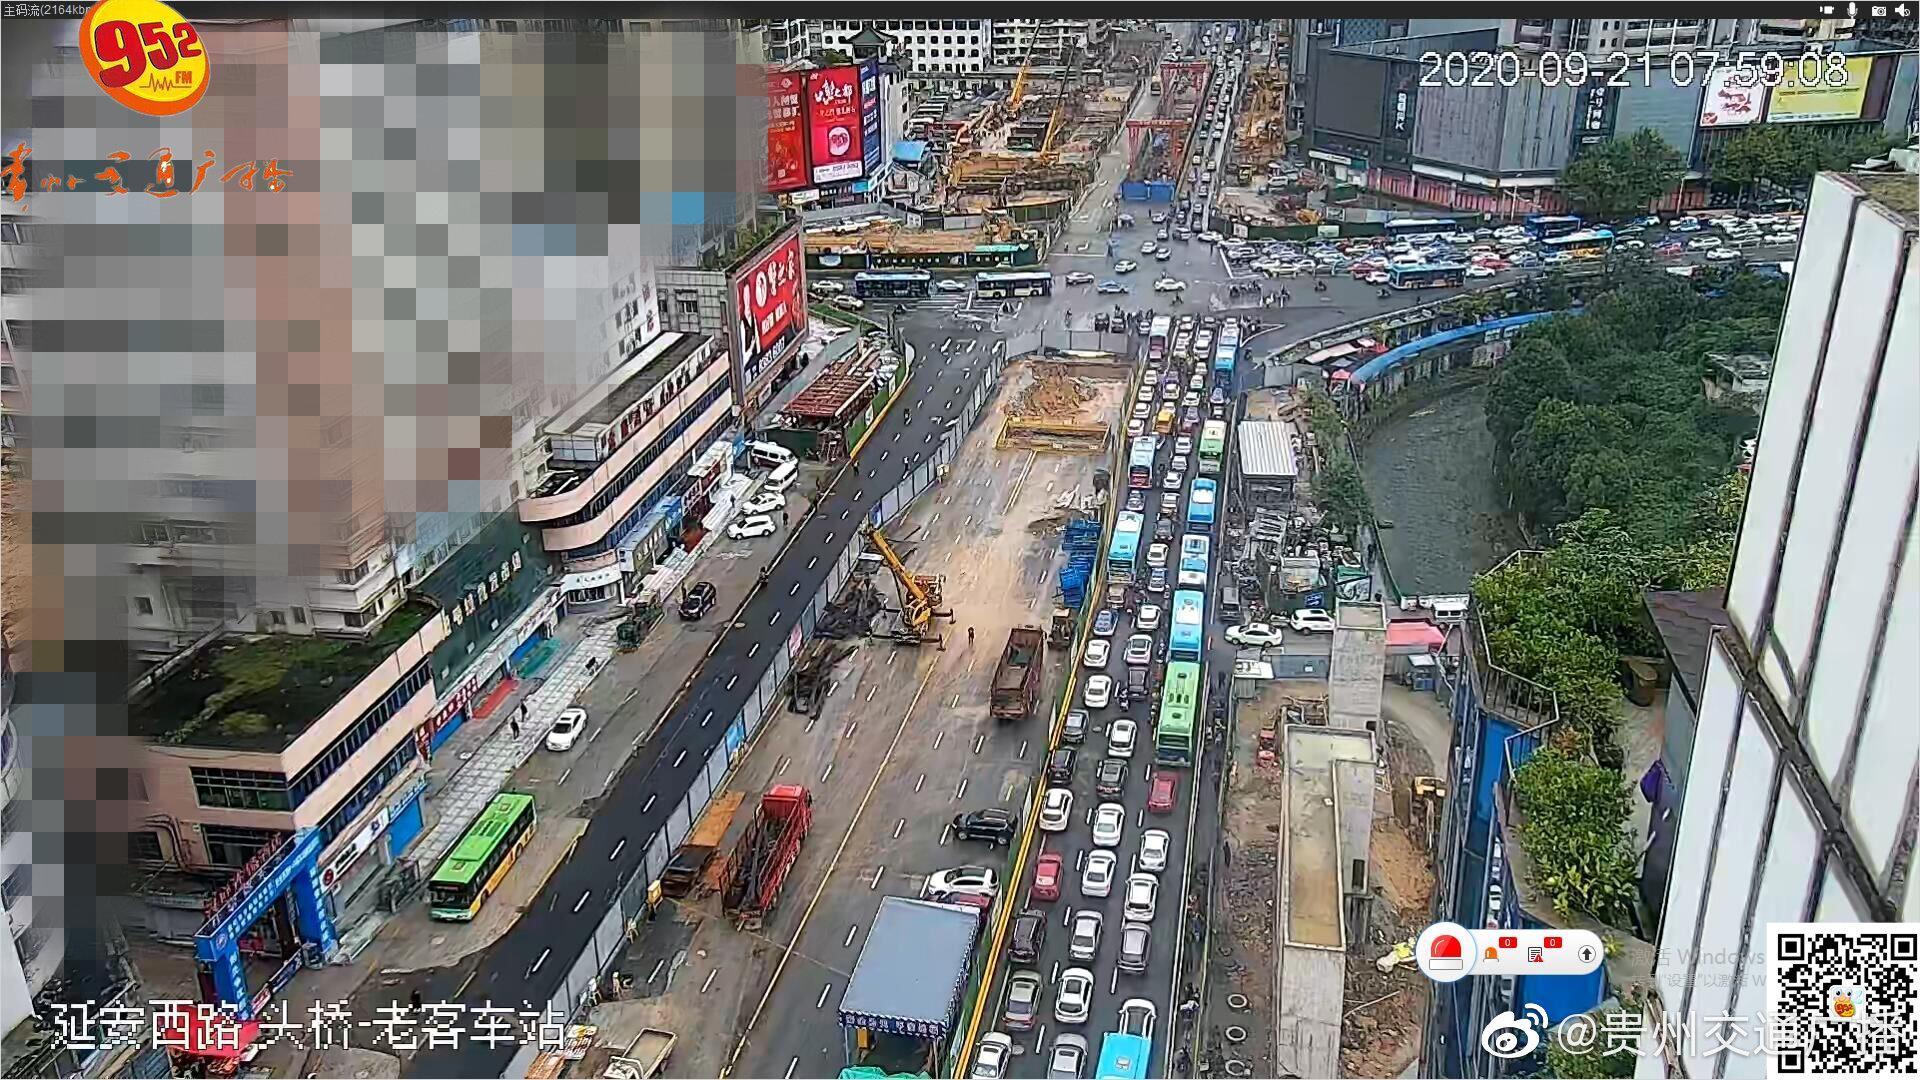 延安西路,头桥往老客车站车多缓行,目前尾车排到头桥公交车站……